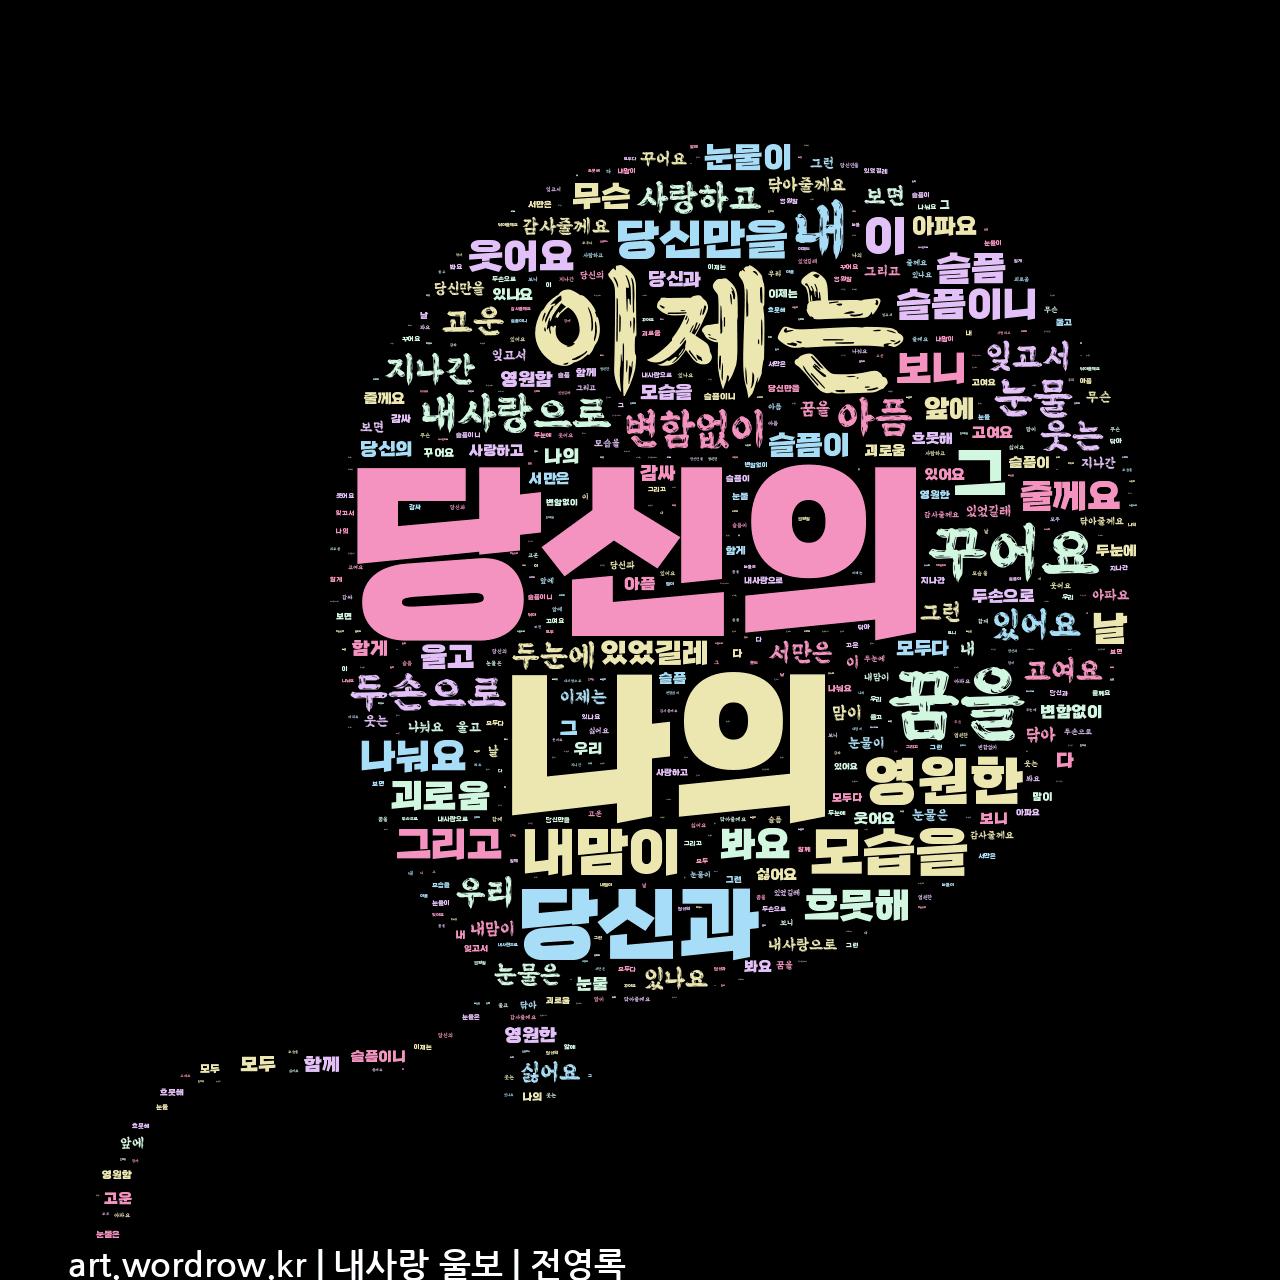 워드 아트: 내사랑 울보 [전영록]-40